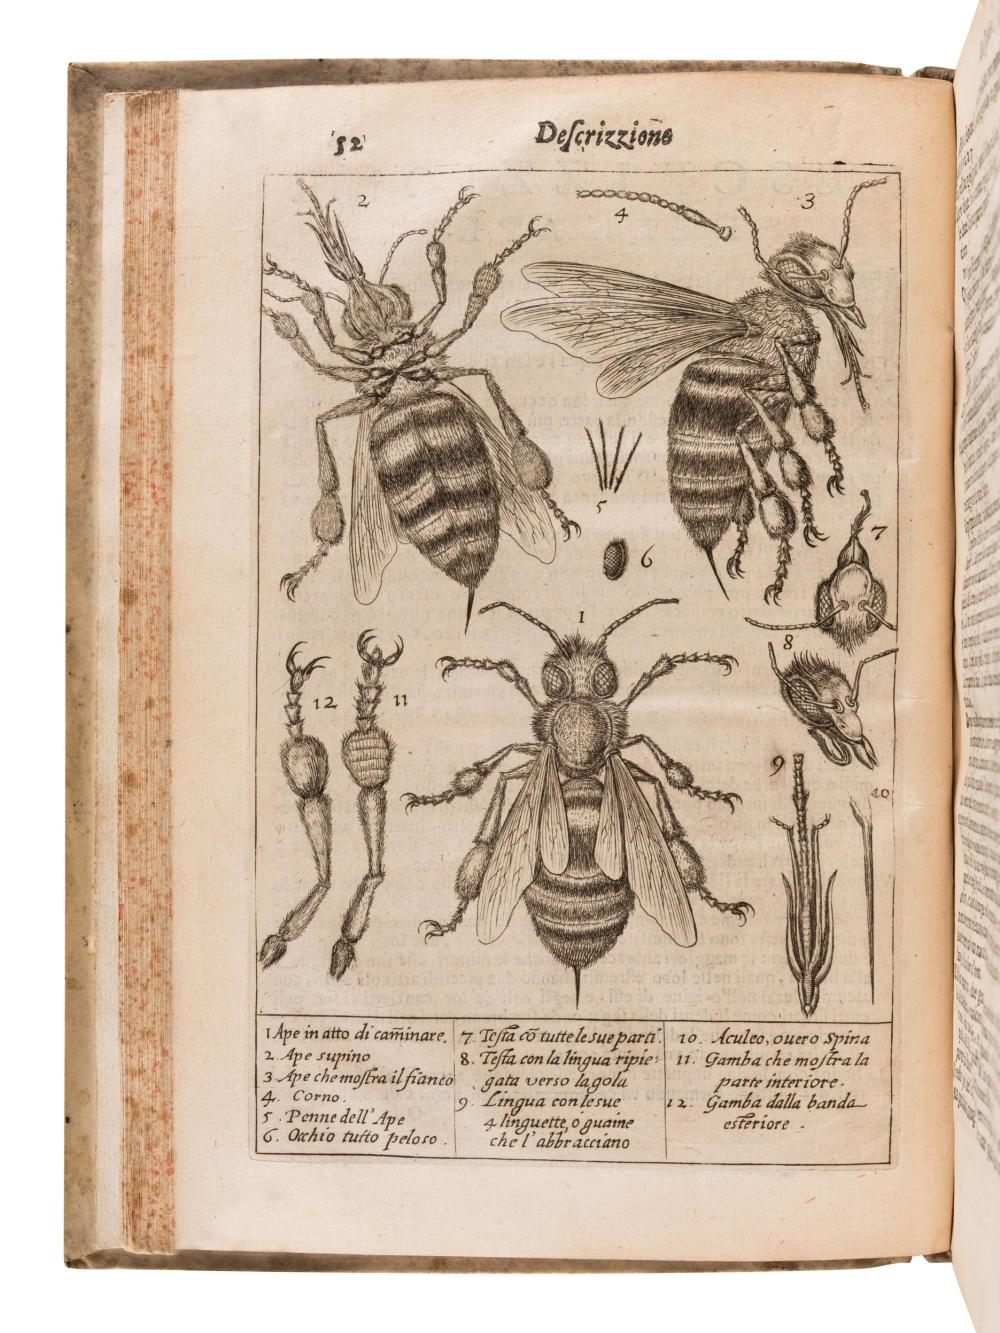 PERSIUS FLACCUS, Aulus (34-62). Persio tradotto in verso sciolto e dichiarato. Francesco Stelluti (1577-1653), translator. Rome: G. Mascardi, 1630.